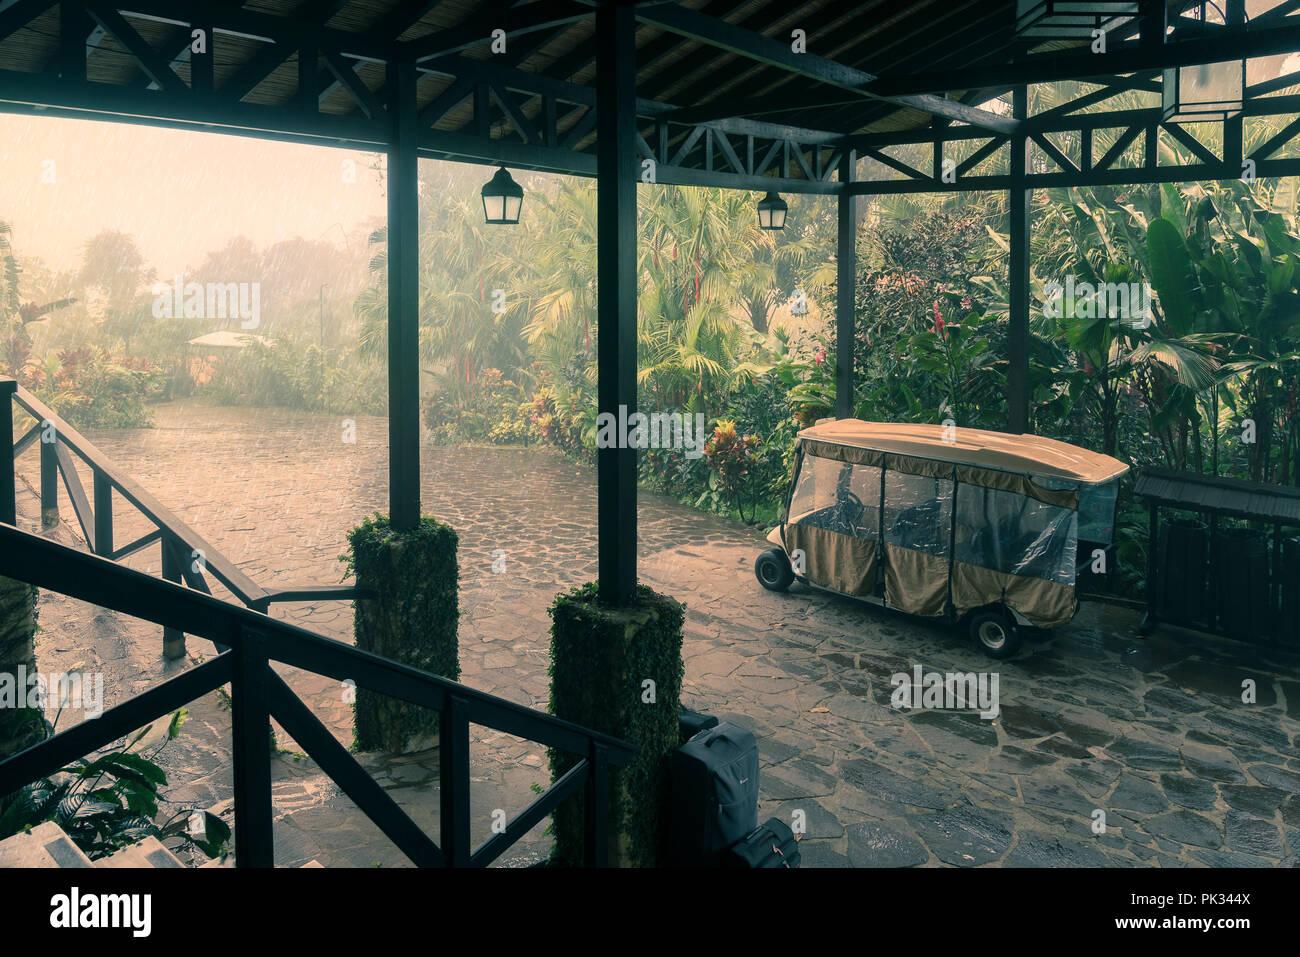 Piove, Mirador El silencio, San Carlos Costa Rica Immagini Stock